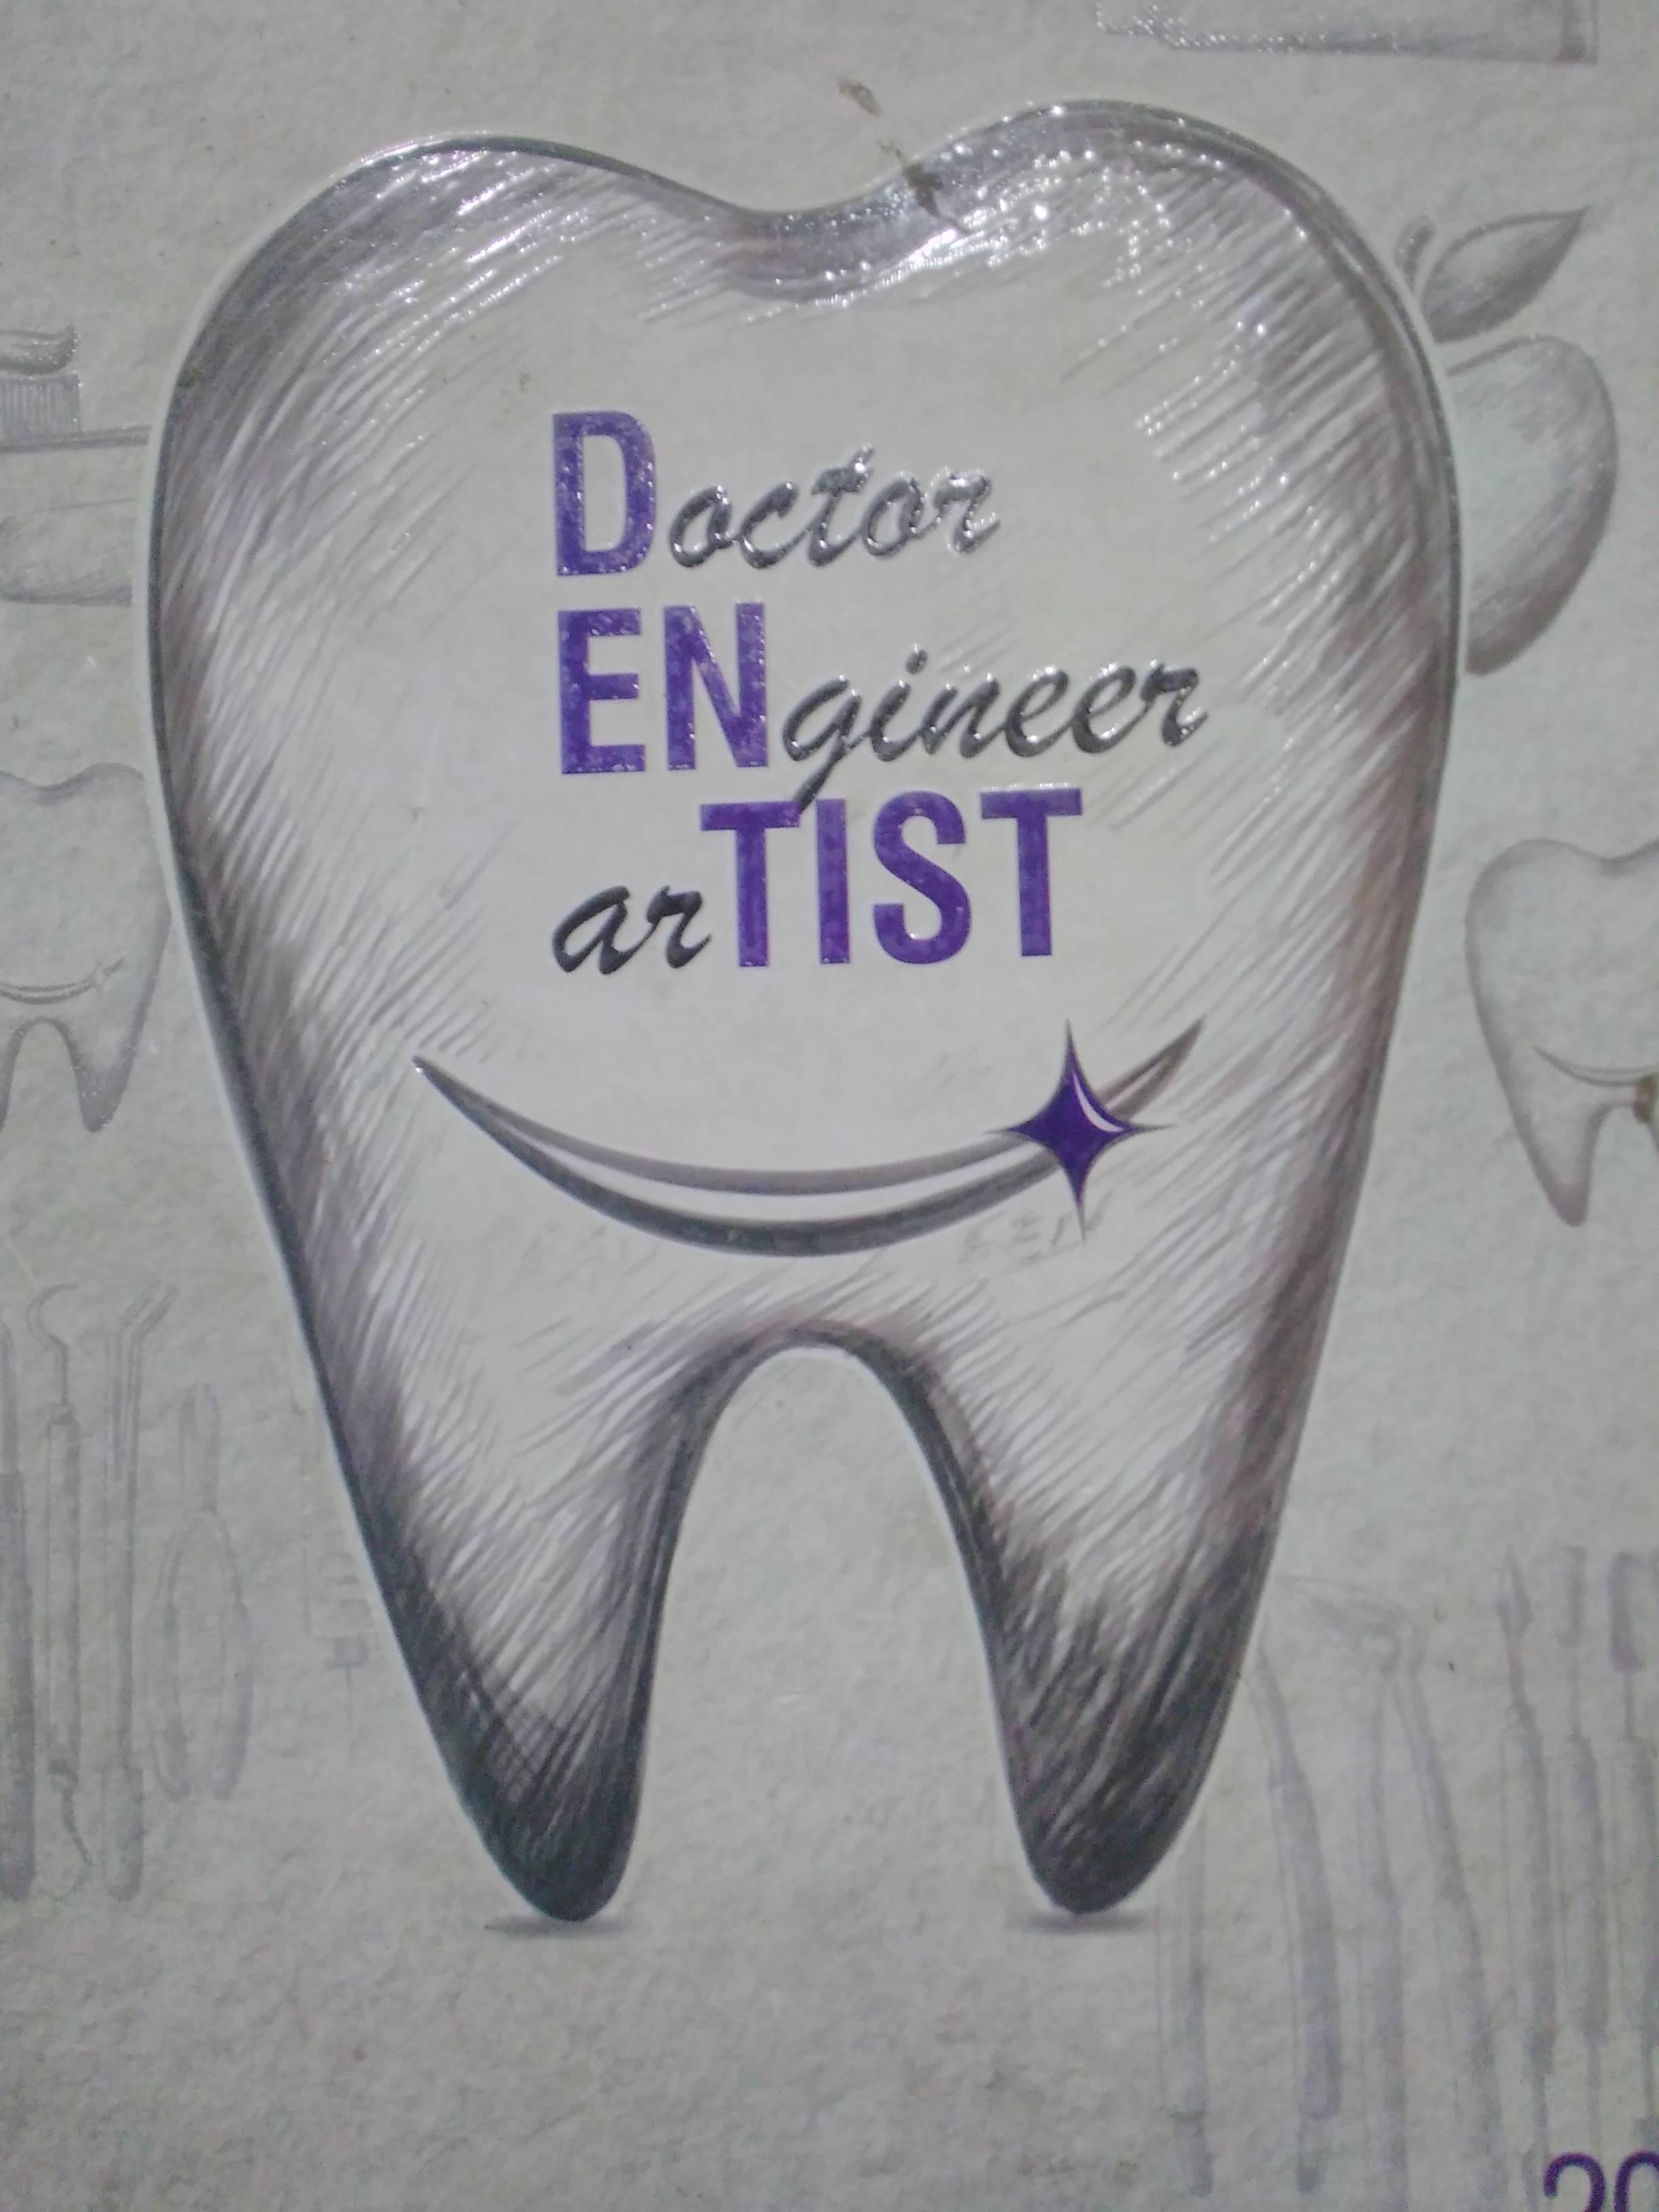 sri jairam dental care, Erode